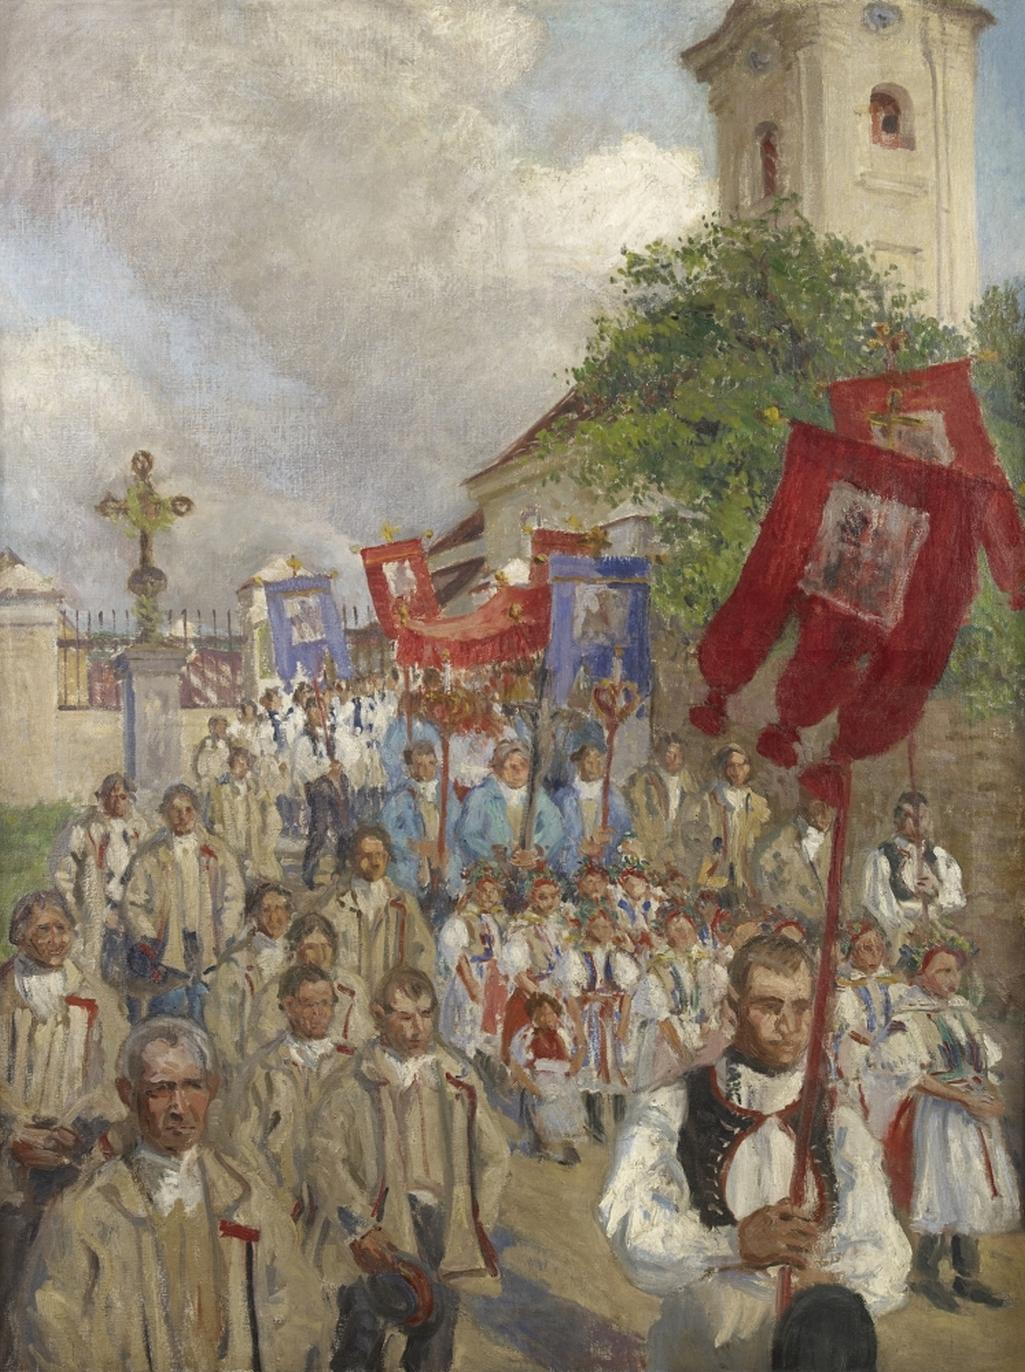 Miloš Jiránek / Boží tělo ve Velké, 1903